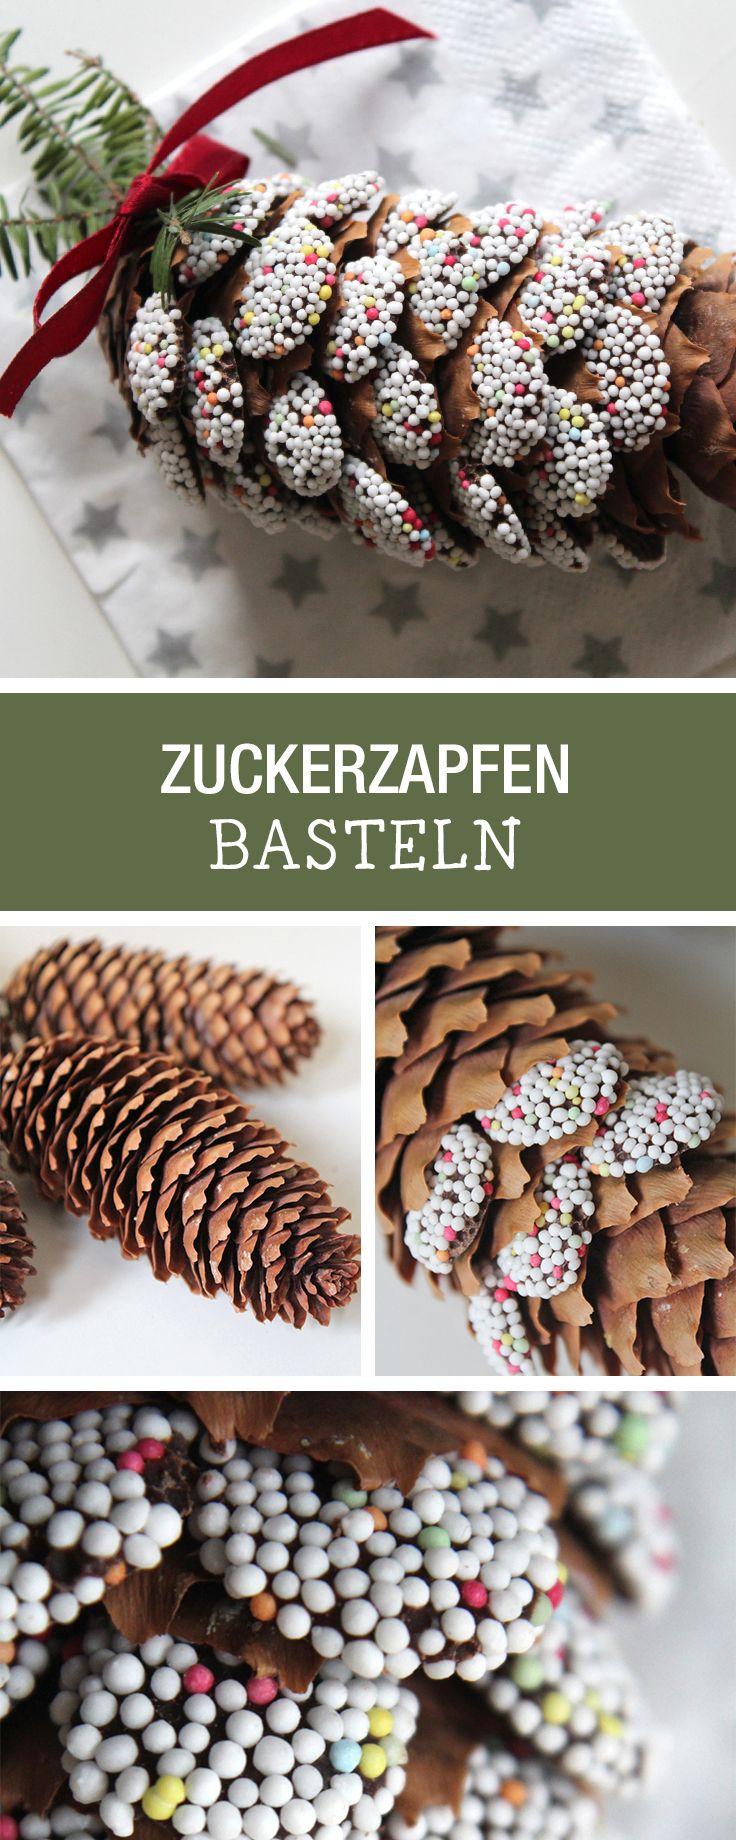 Süße Dekoidee für Weihnachten: Tannenzapfen mit schokoladiger Überraschung verzieren / how to make candy pine cones via DaWanda.com